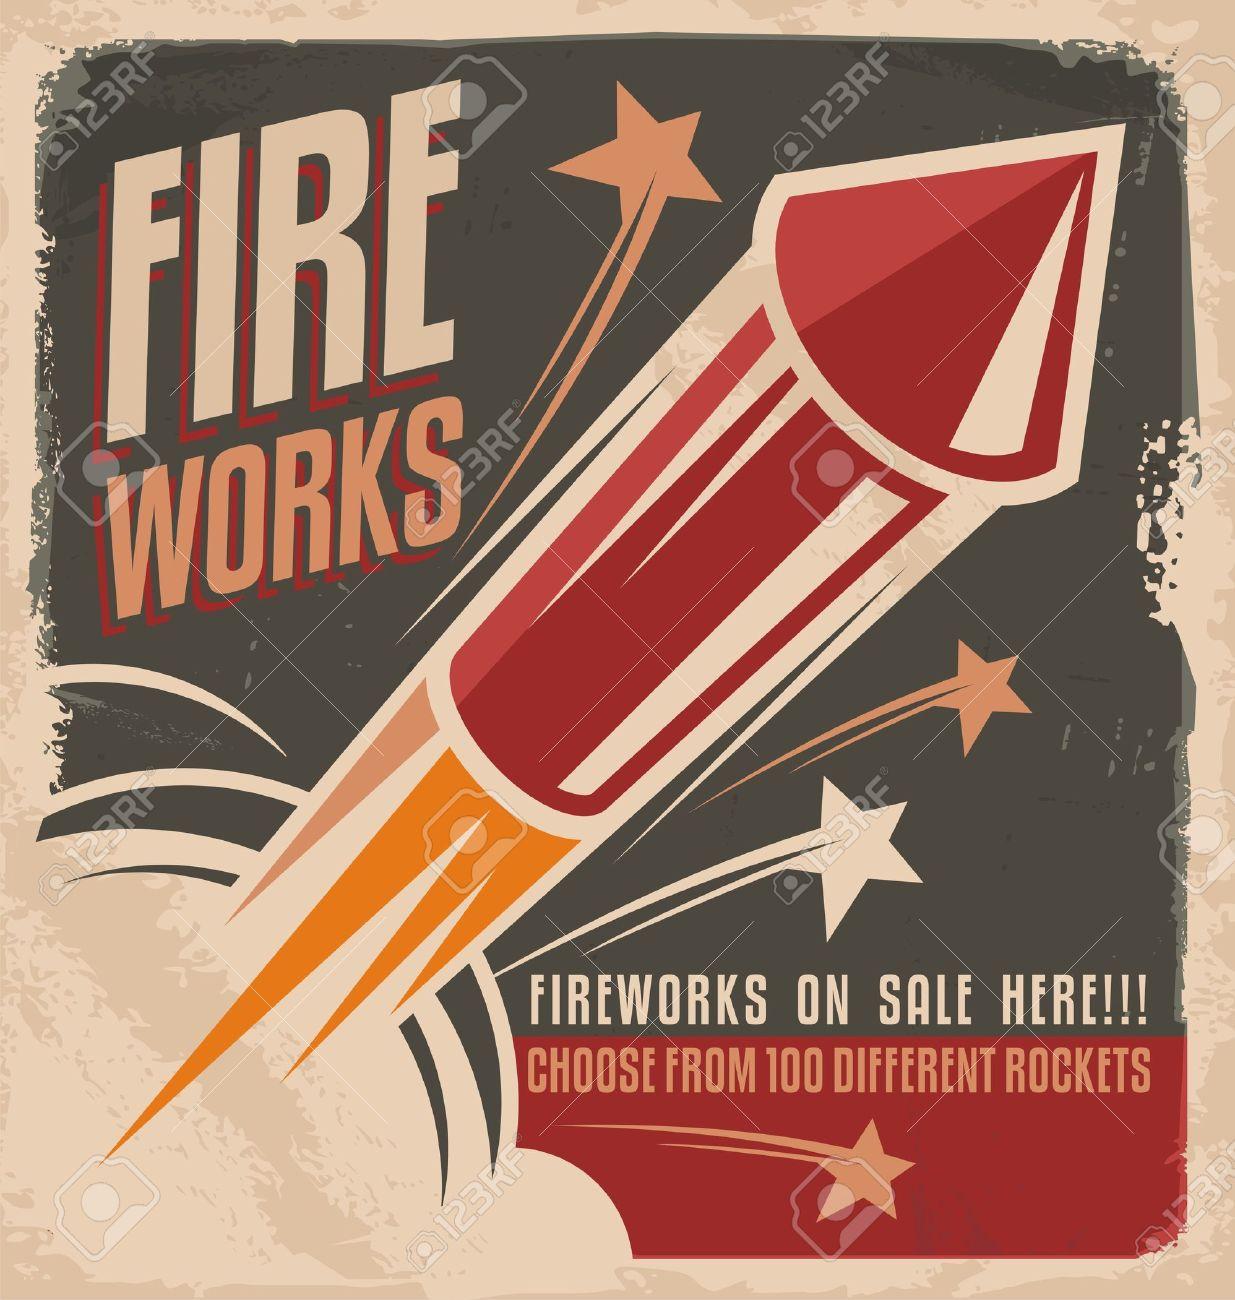 Poster design 1950 - 1950s Vintage Fireworks Poster Design Illustration